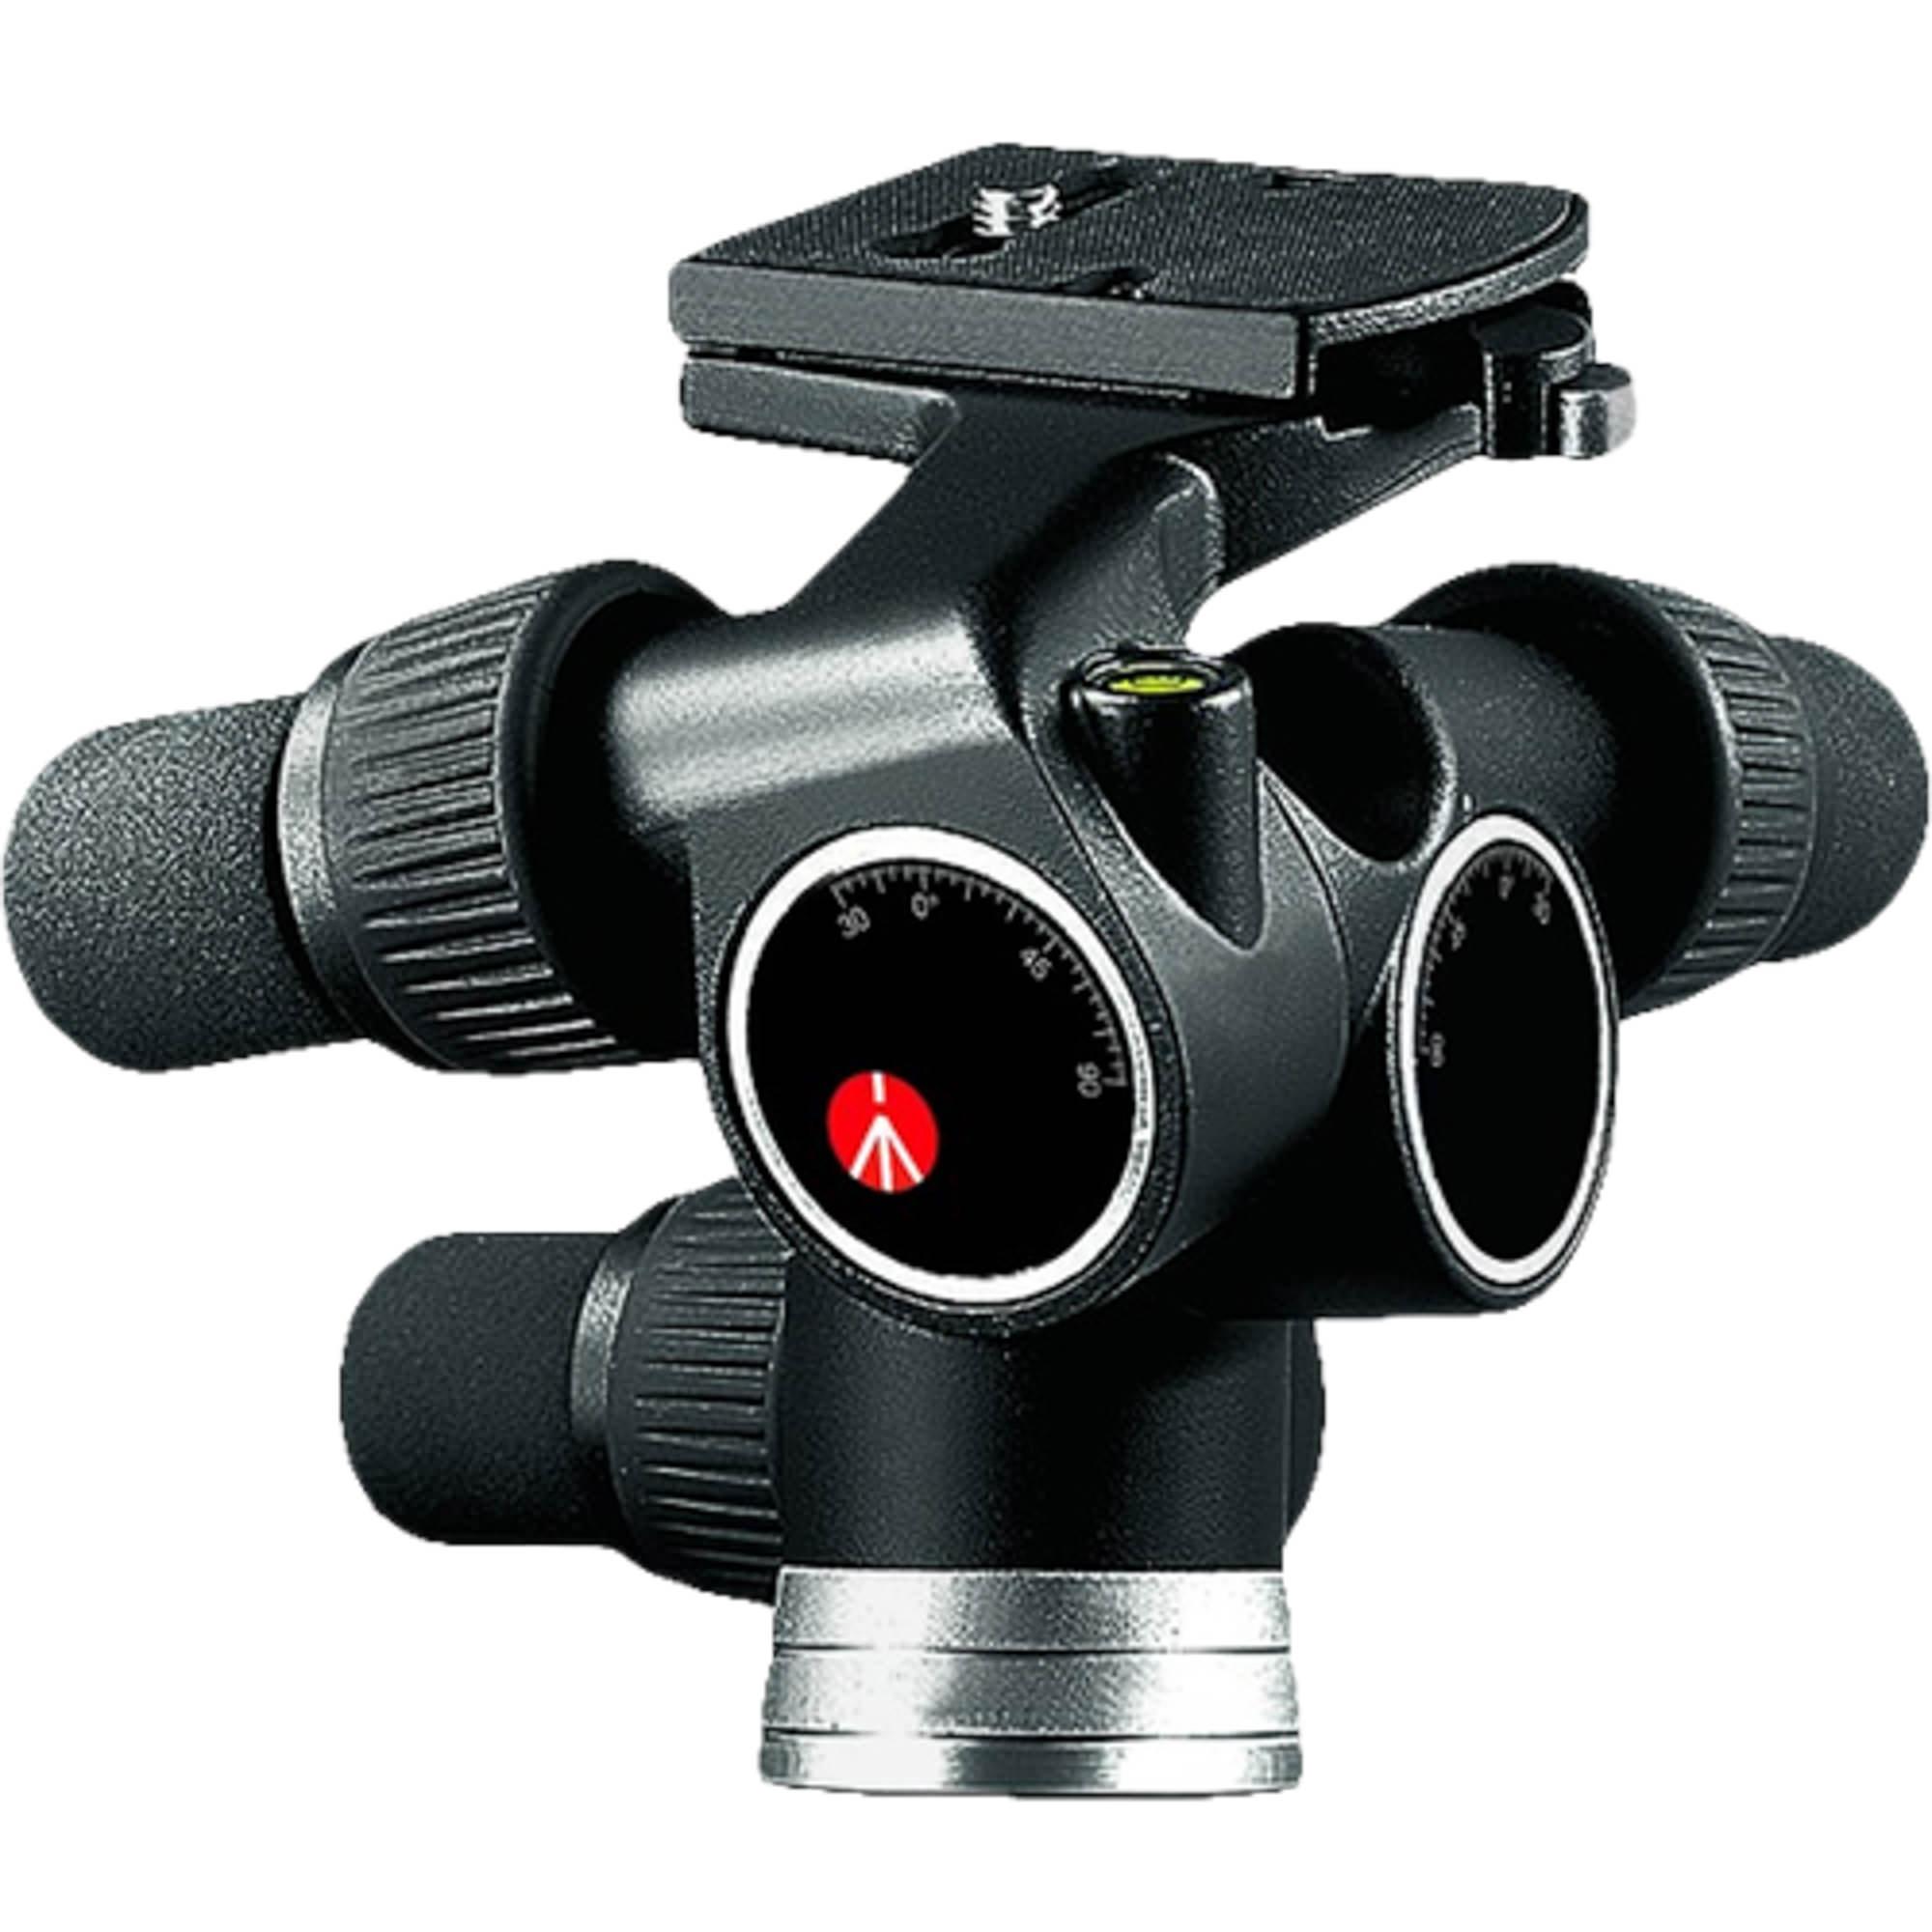 Manfrotto 405 Pro Geared Head